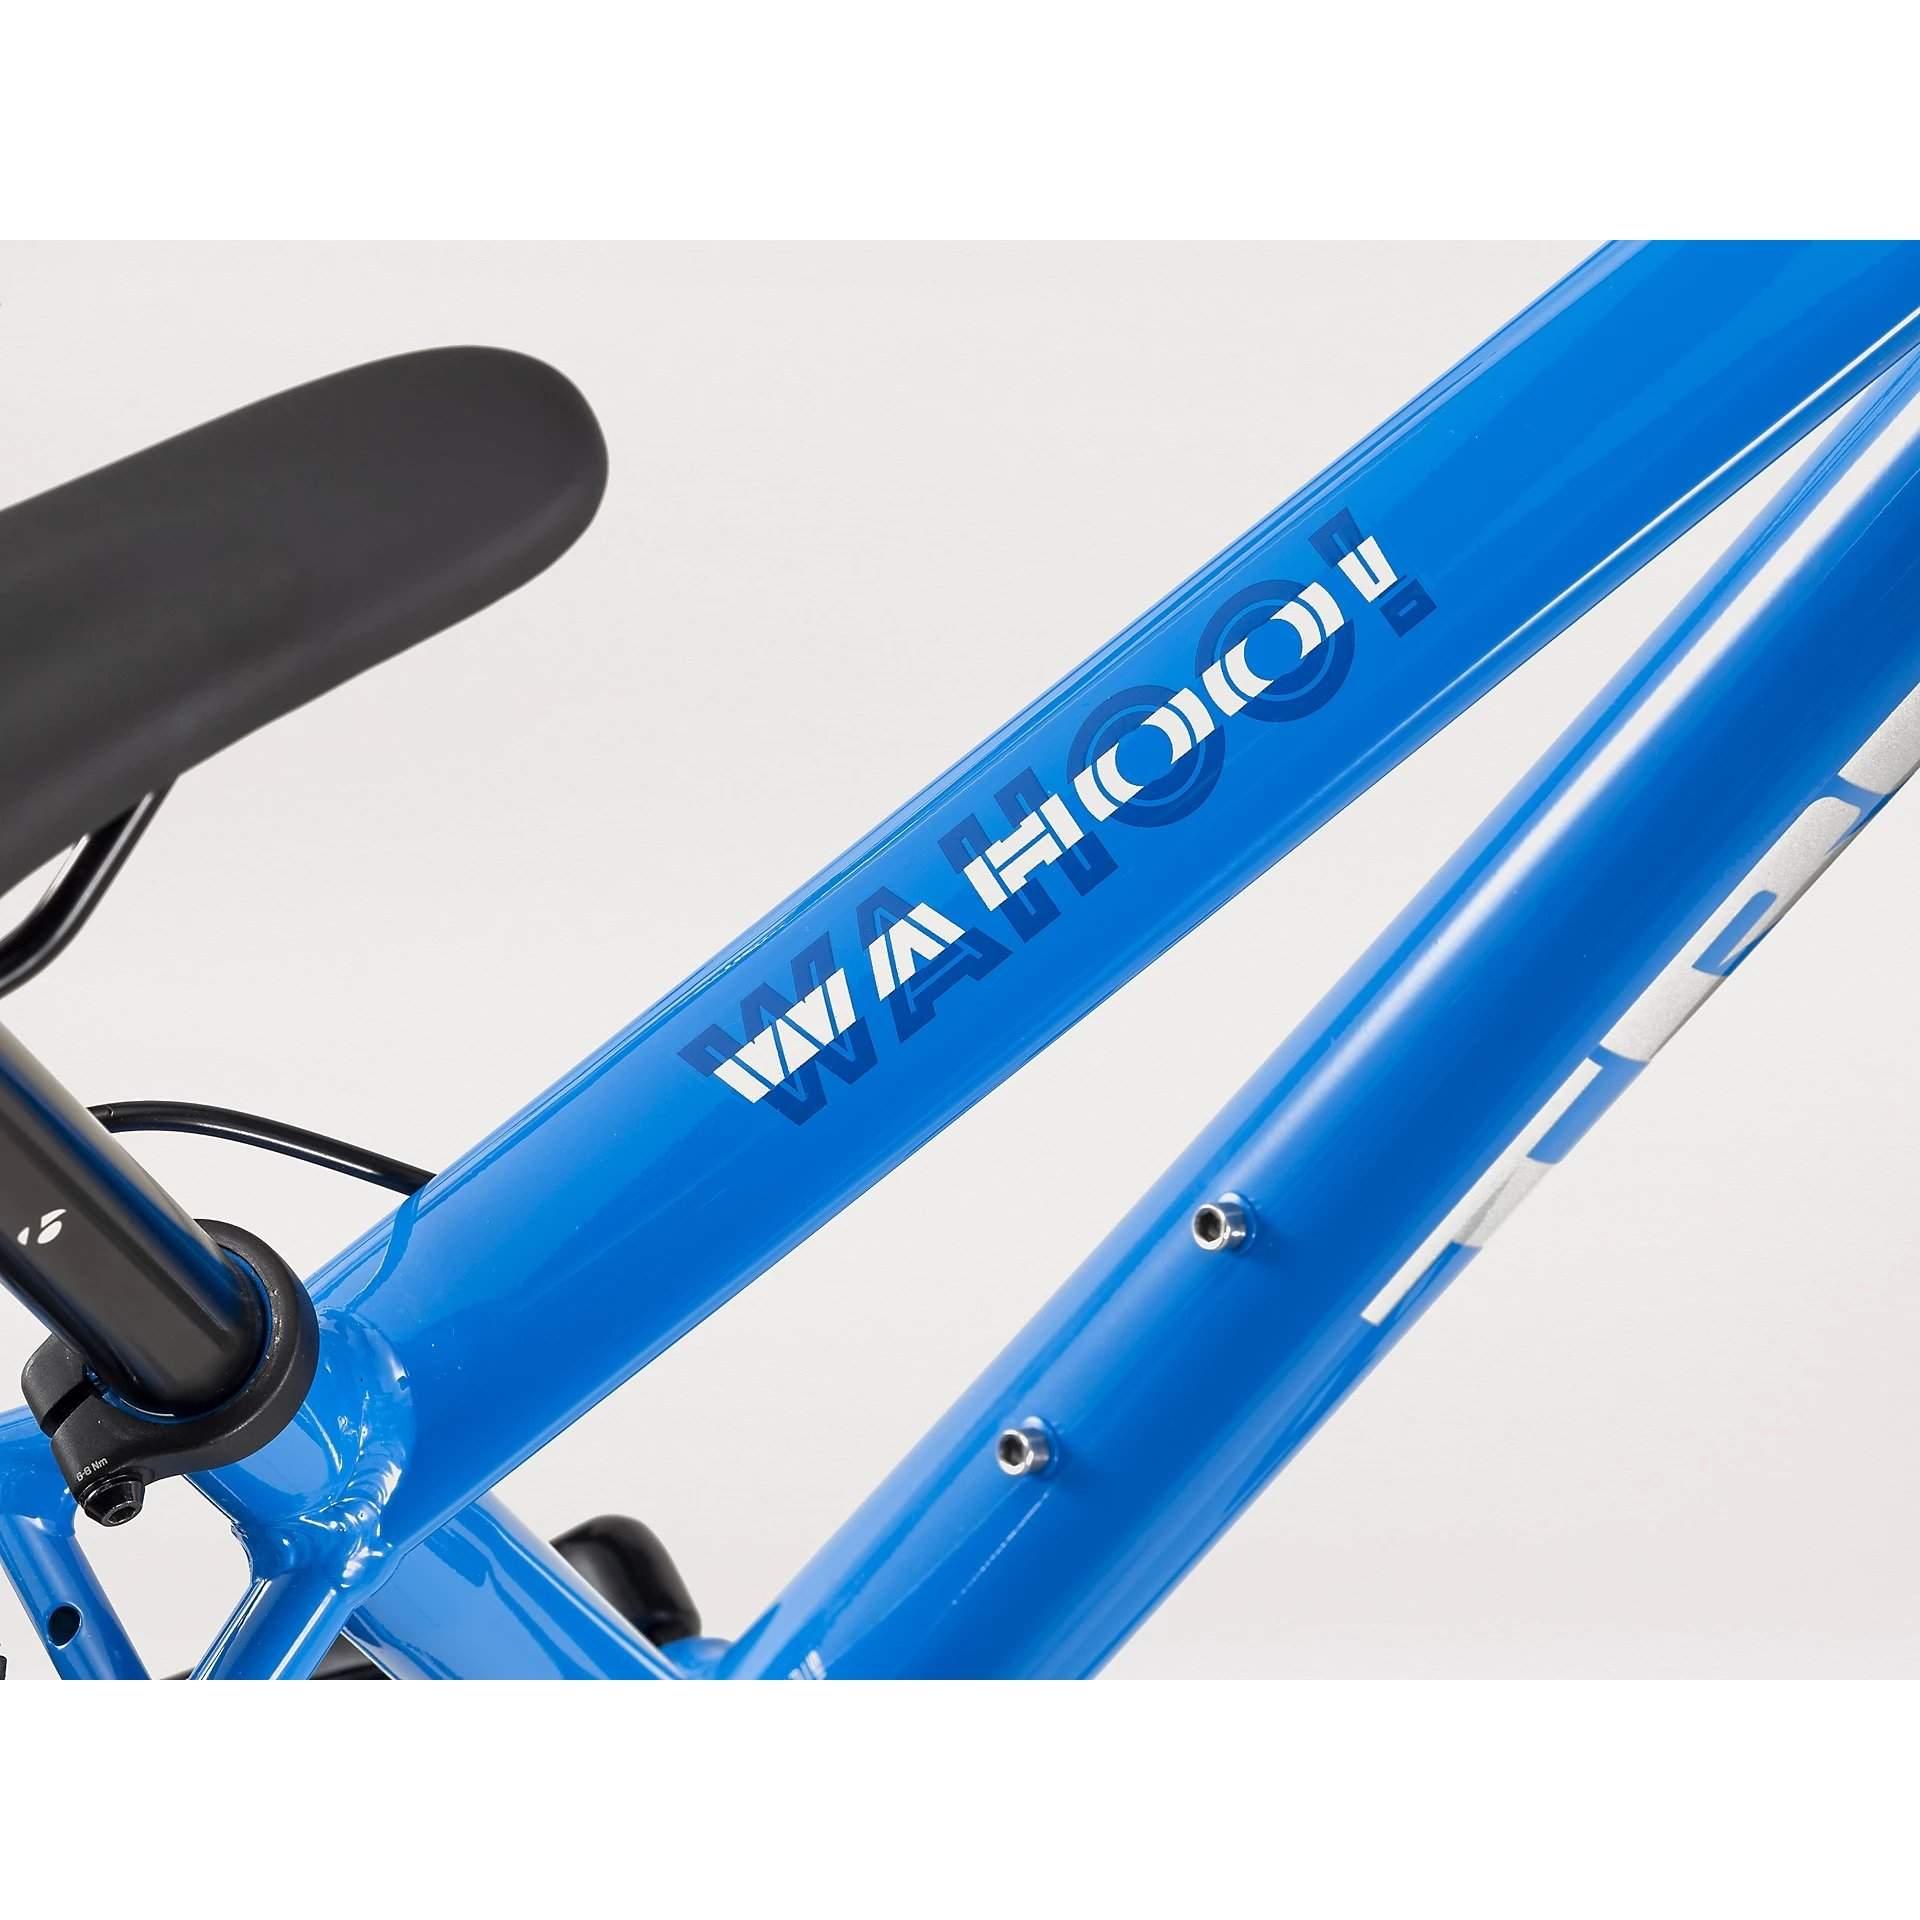 ROWER TREK WAHOO 26 WATERLOO BLUE|QUICKSLVER 7